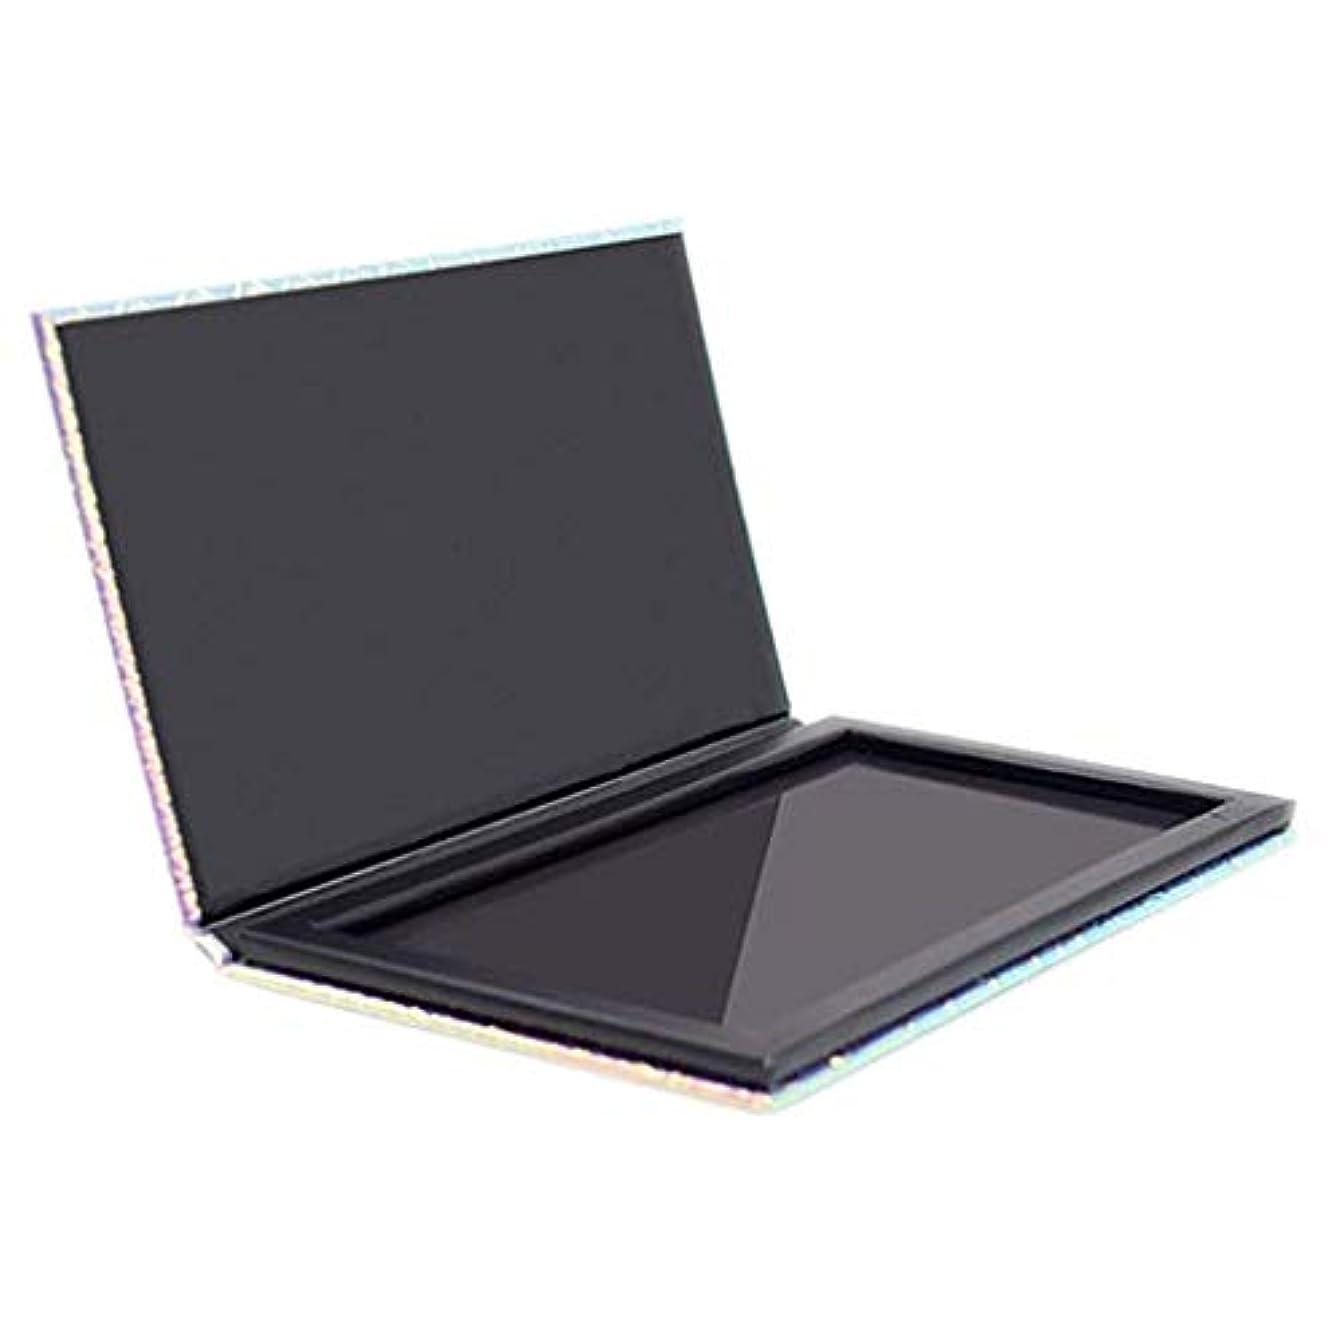 スチールコンパイル苛性空の磁気パレット化粧パレットパッドヒョウ大パターンDIYパレット新しい